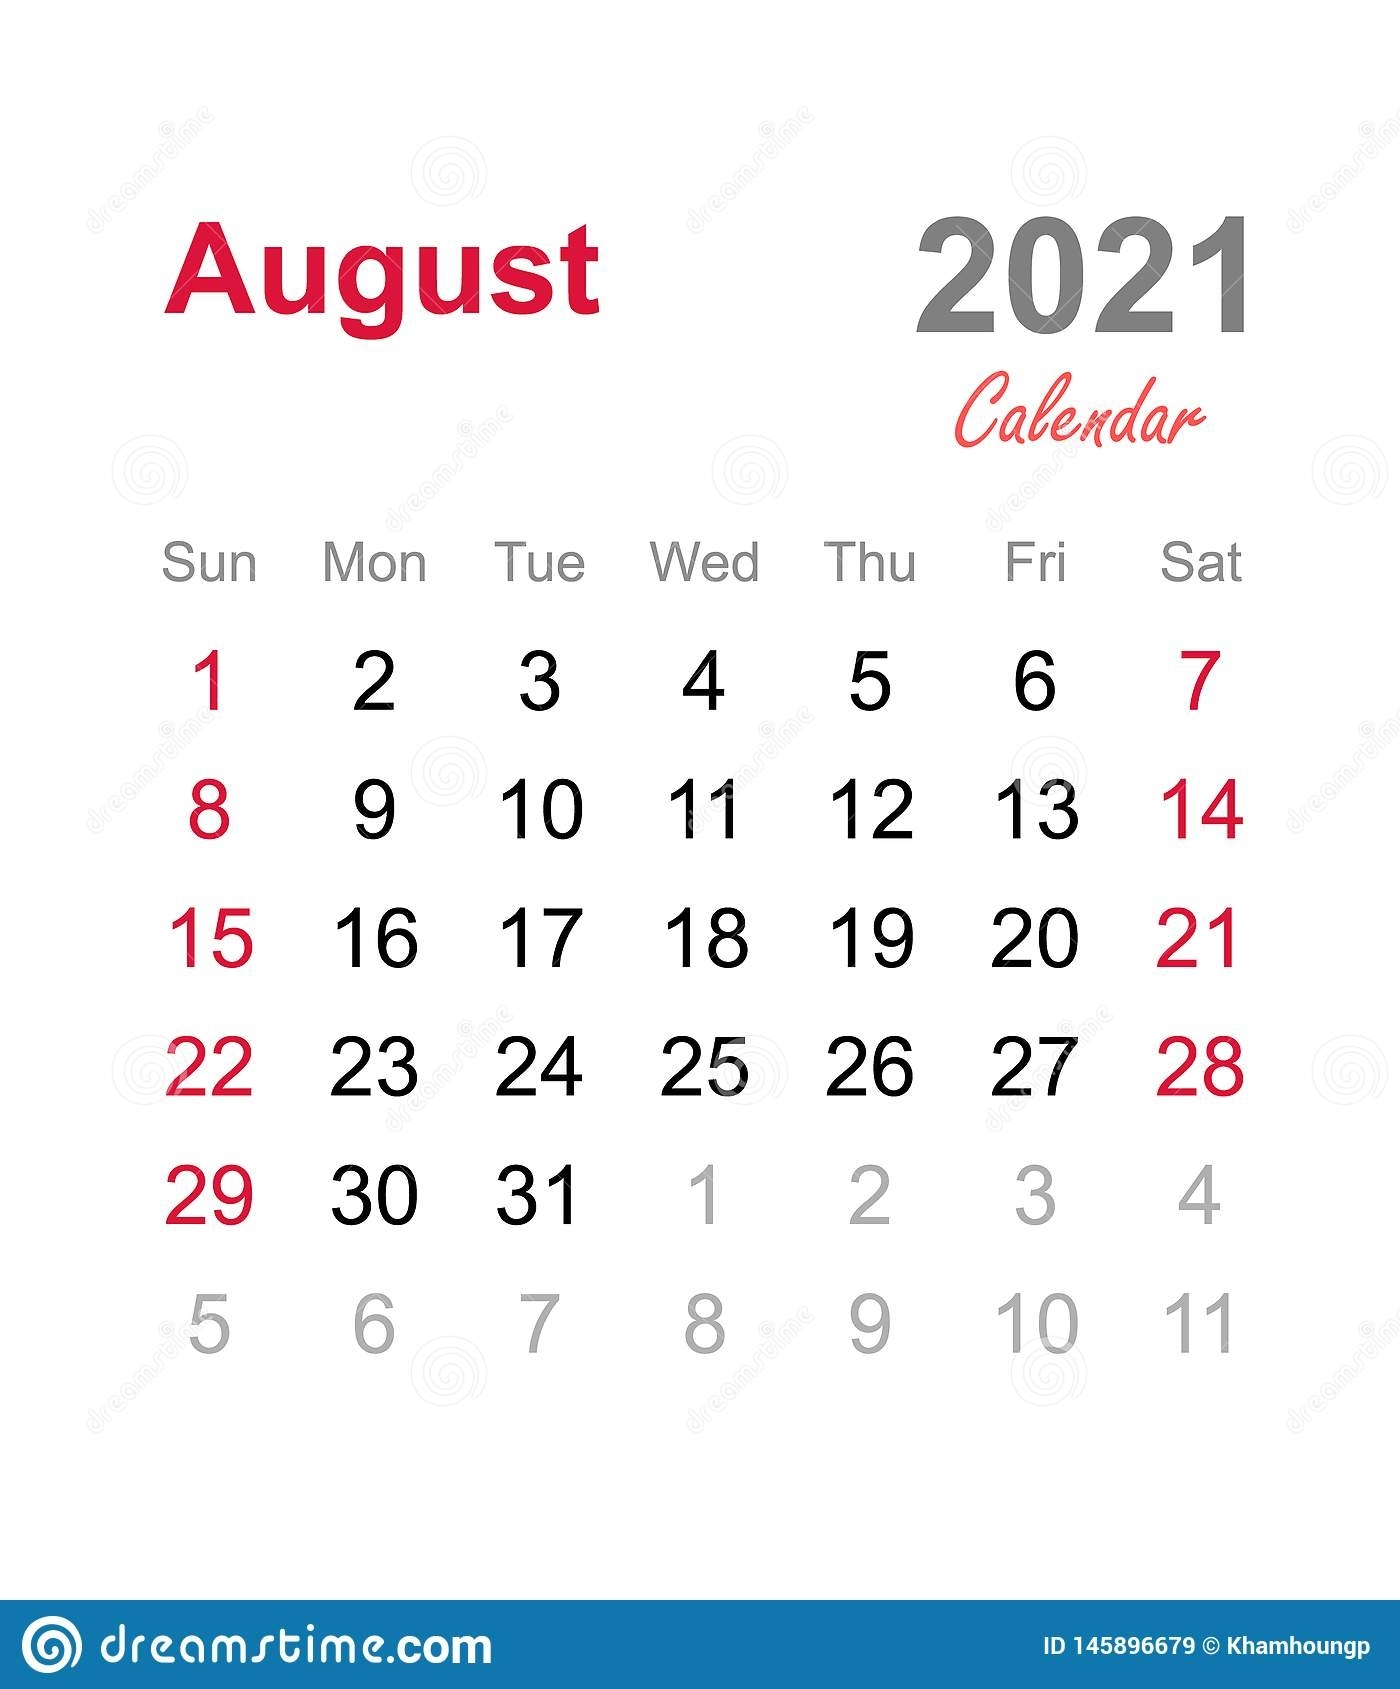 Take Clip Art Calendar For August 2021